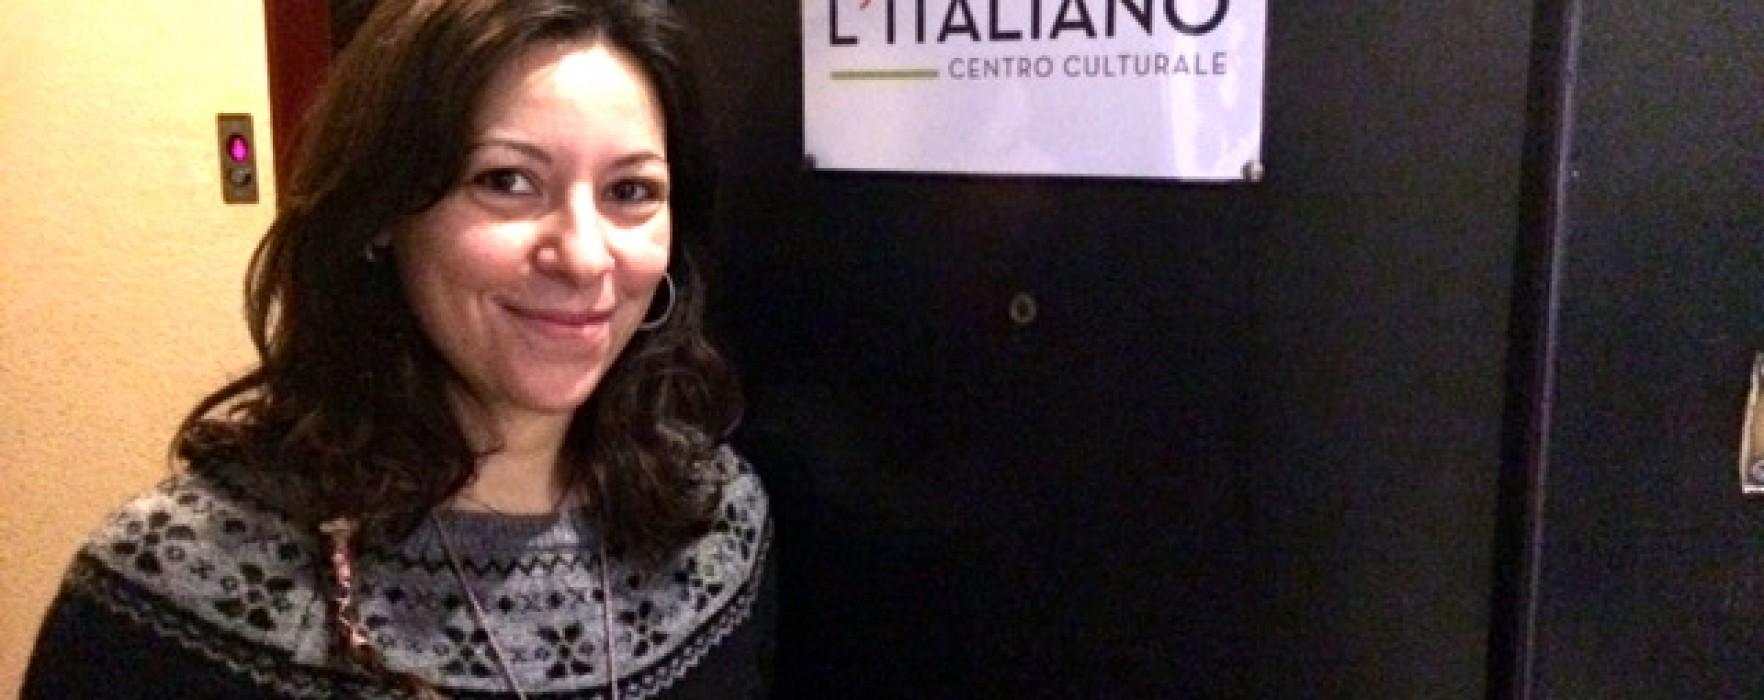 """Insegnare italiano all'estero. A Barcellona il centro """"Ama l'italiano"""" promuove la nostra cultura. La storia dell'intraprendente Ada Plazzo."""